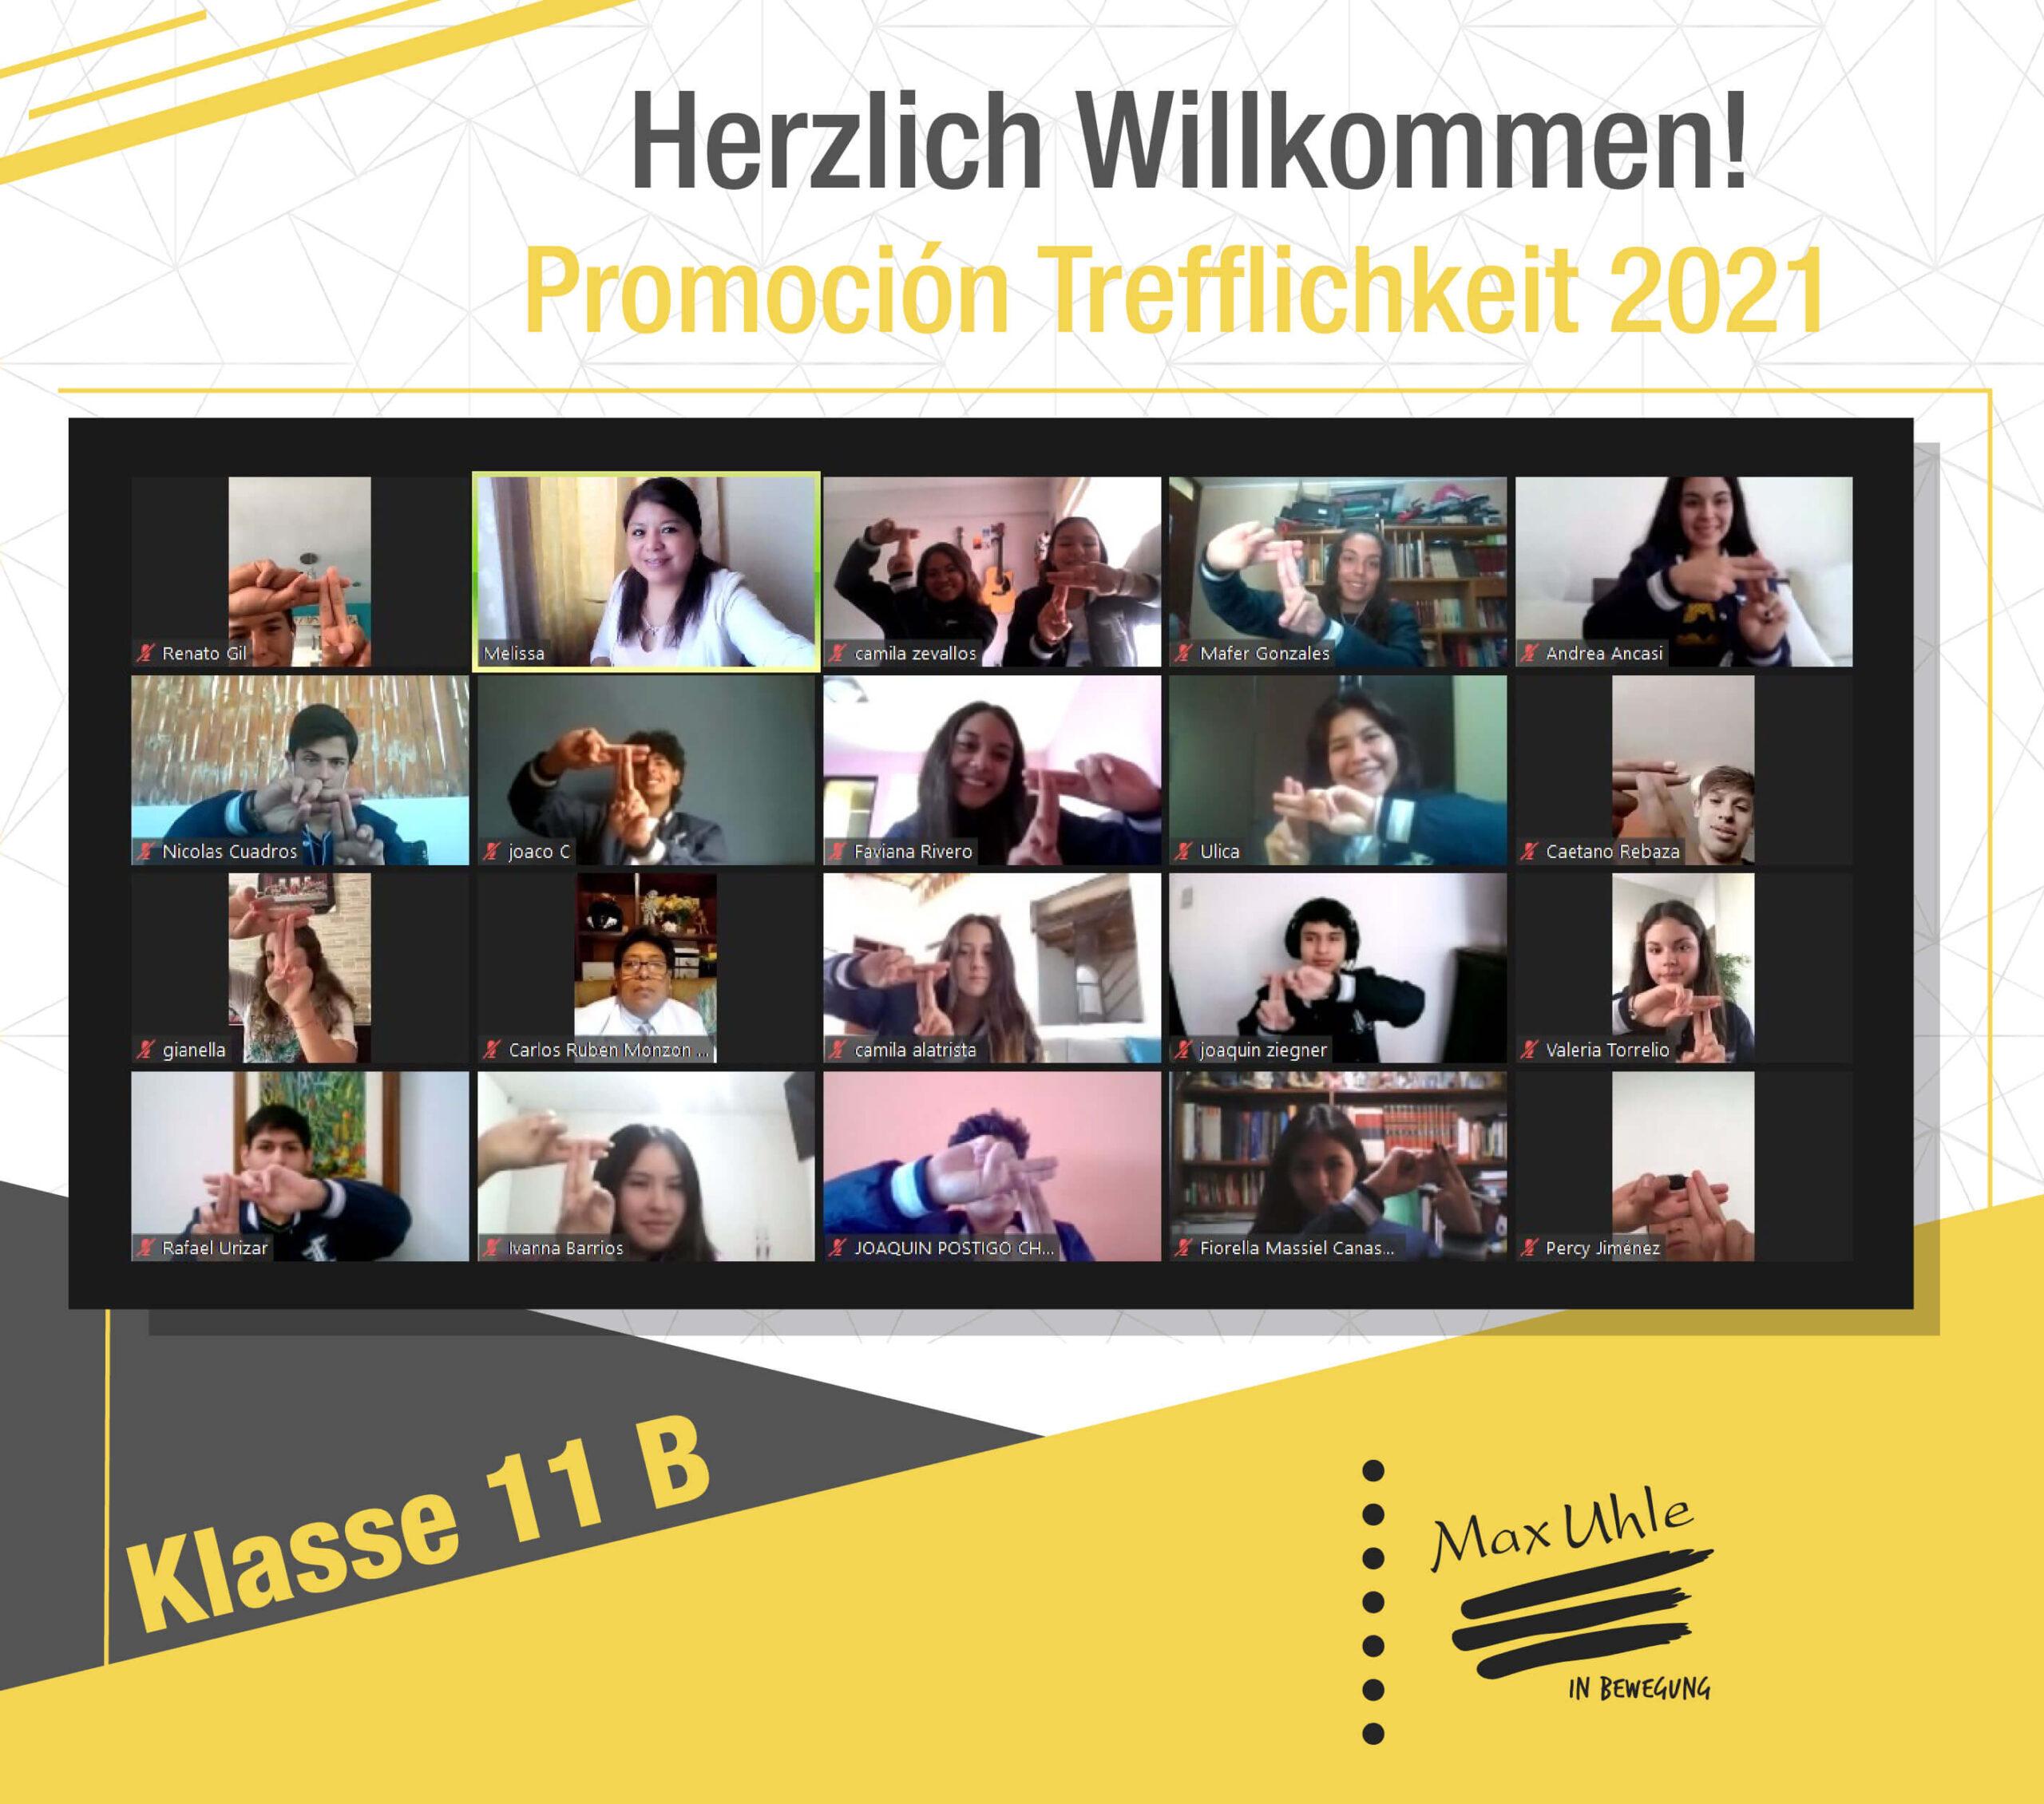 regreso a clases promocion trefflichkeit 2021 clase 11B